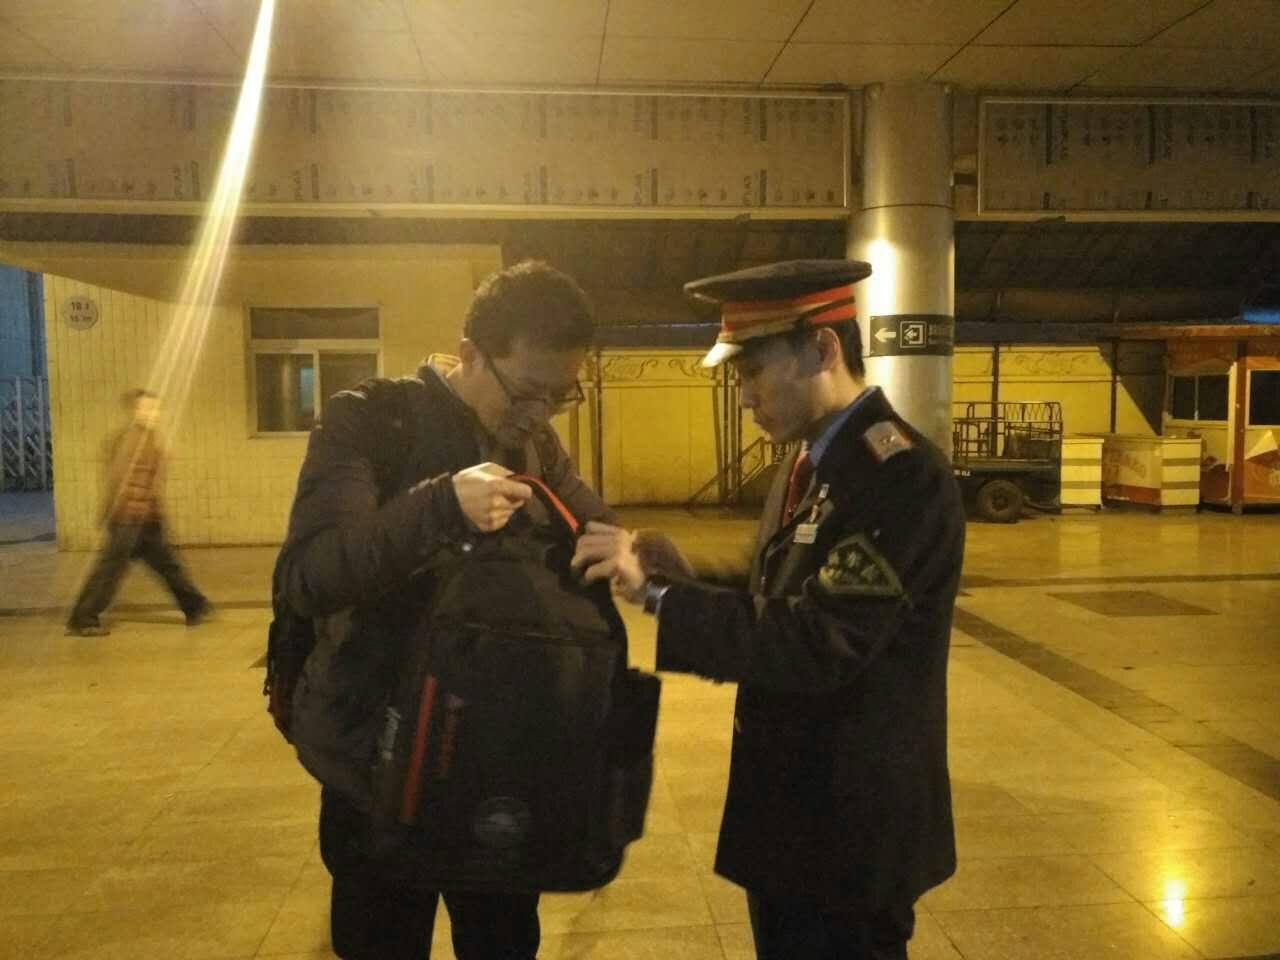 春运旅客匆忙拿错行李包,细心列车长找回物归原主